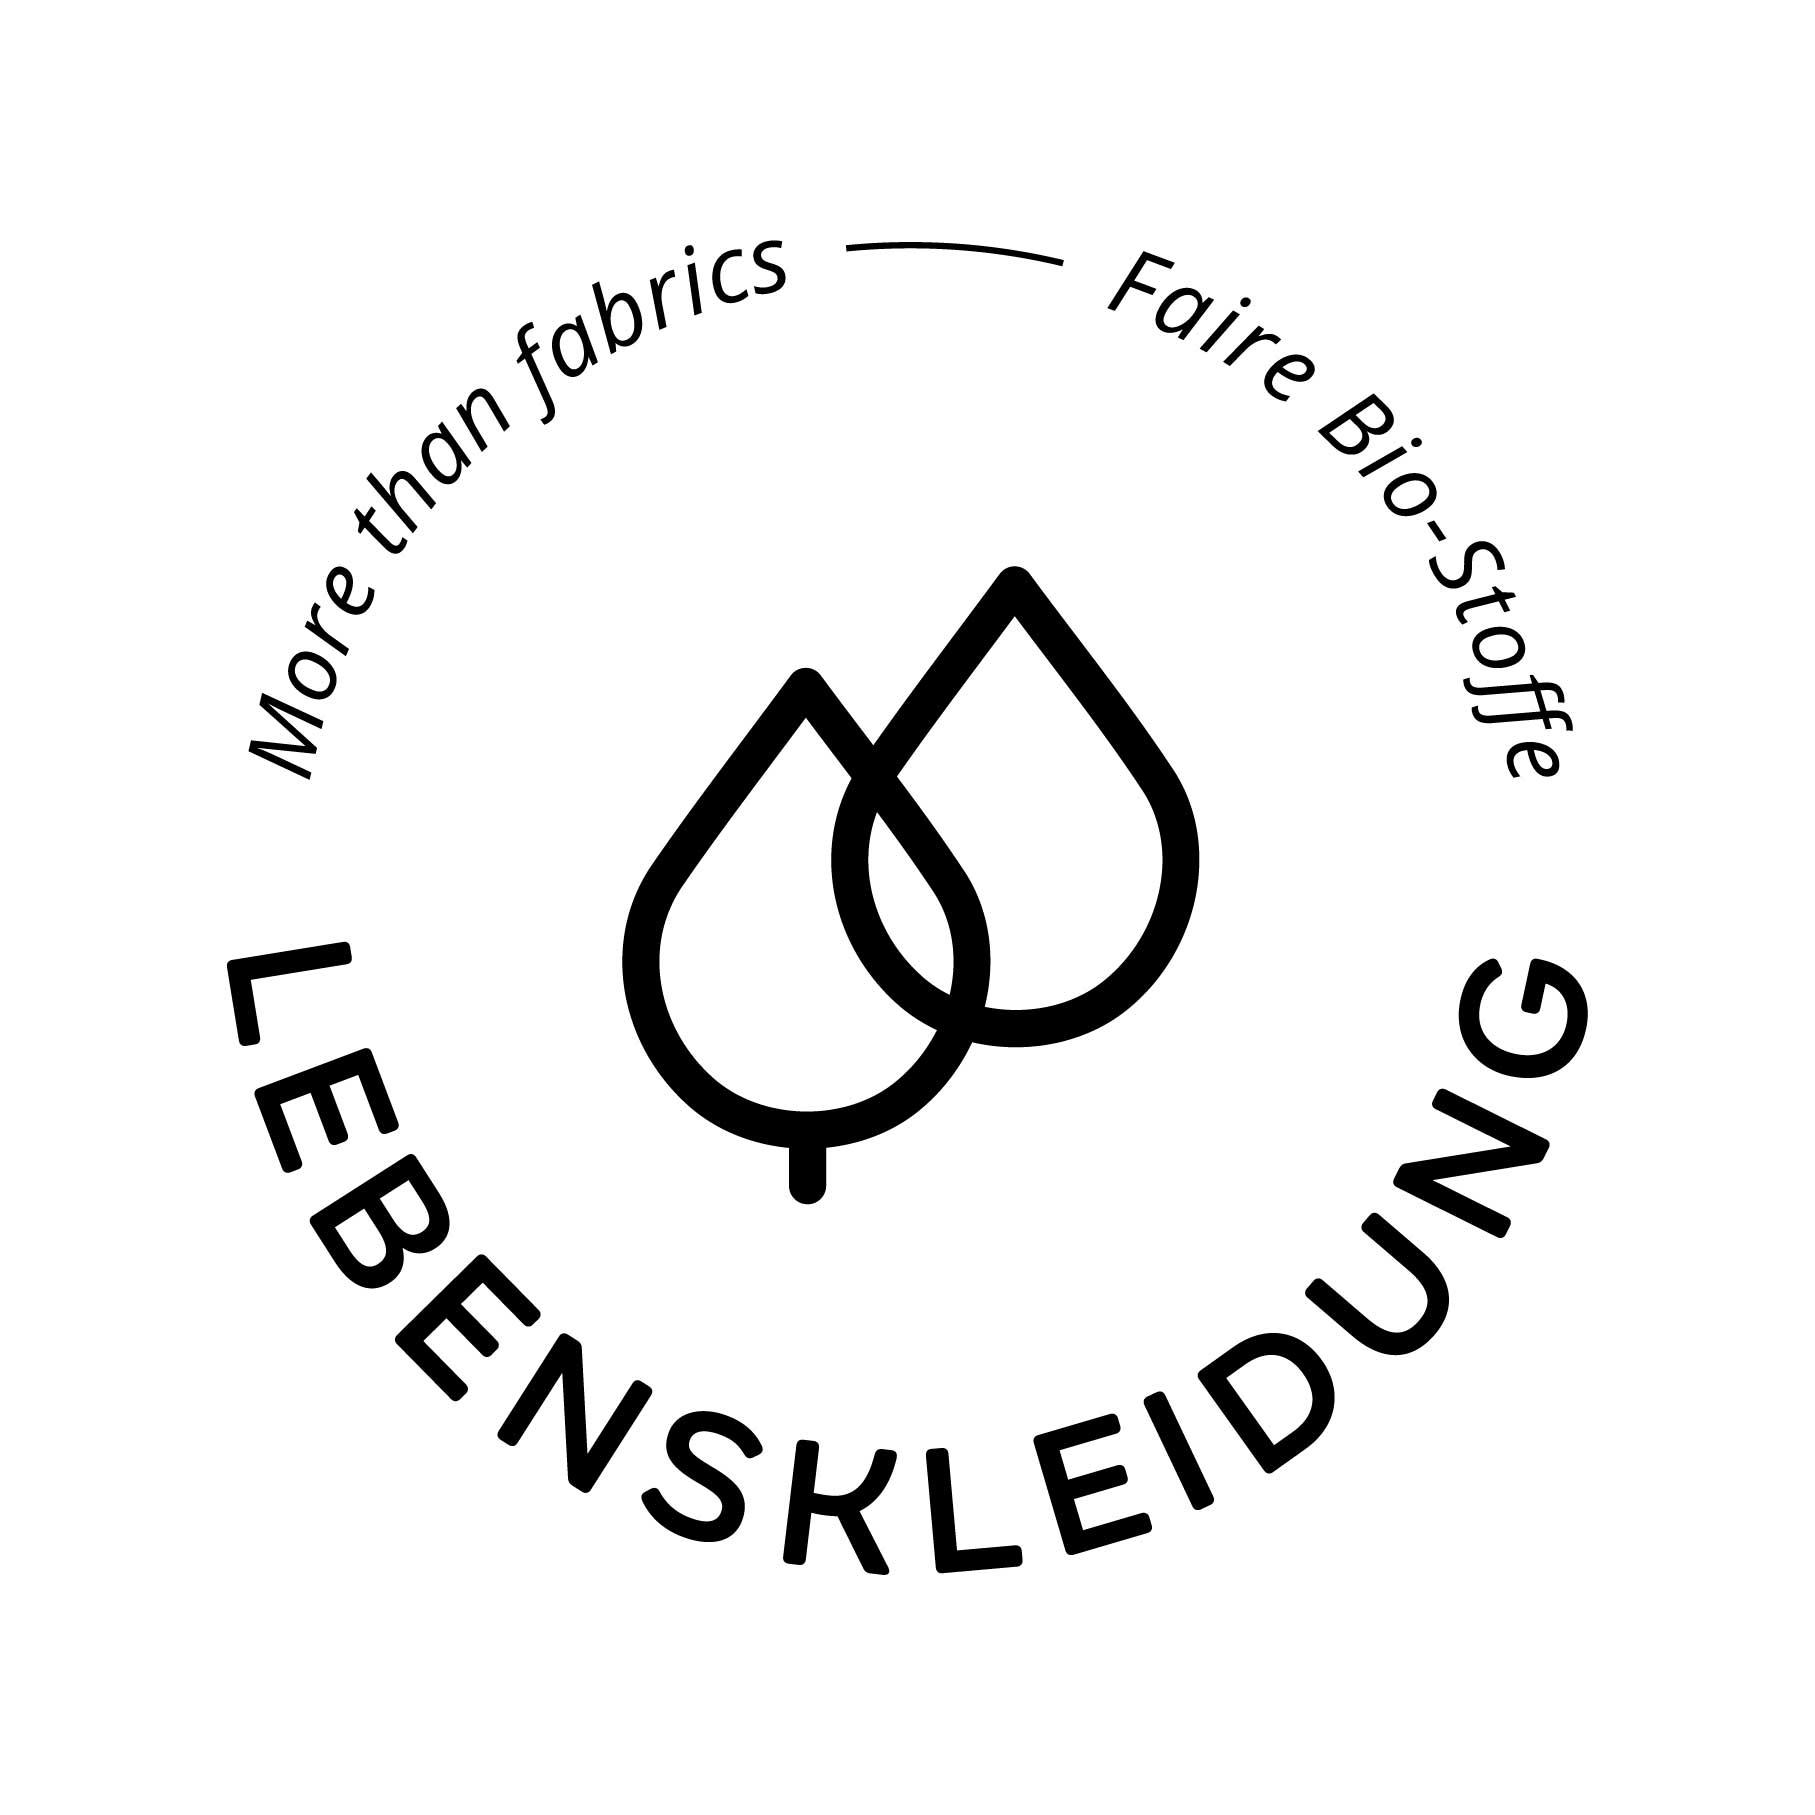 Bio Tessuto di RIB 2x1 (Polsino) - Nero